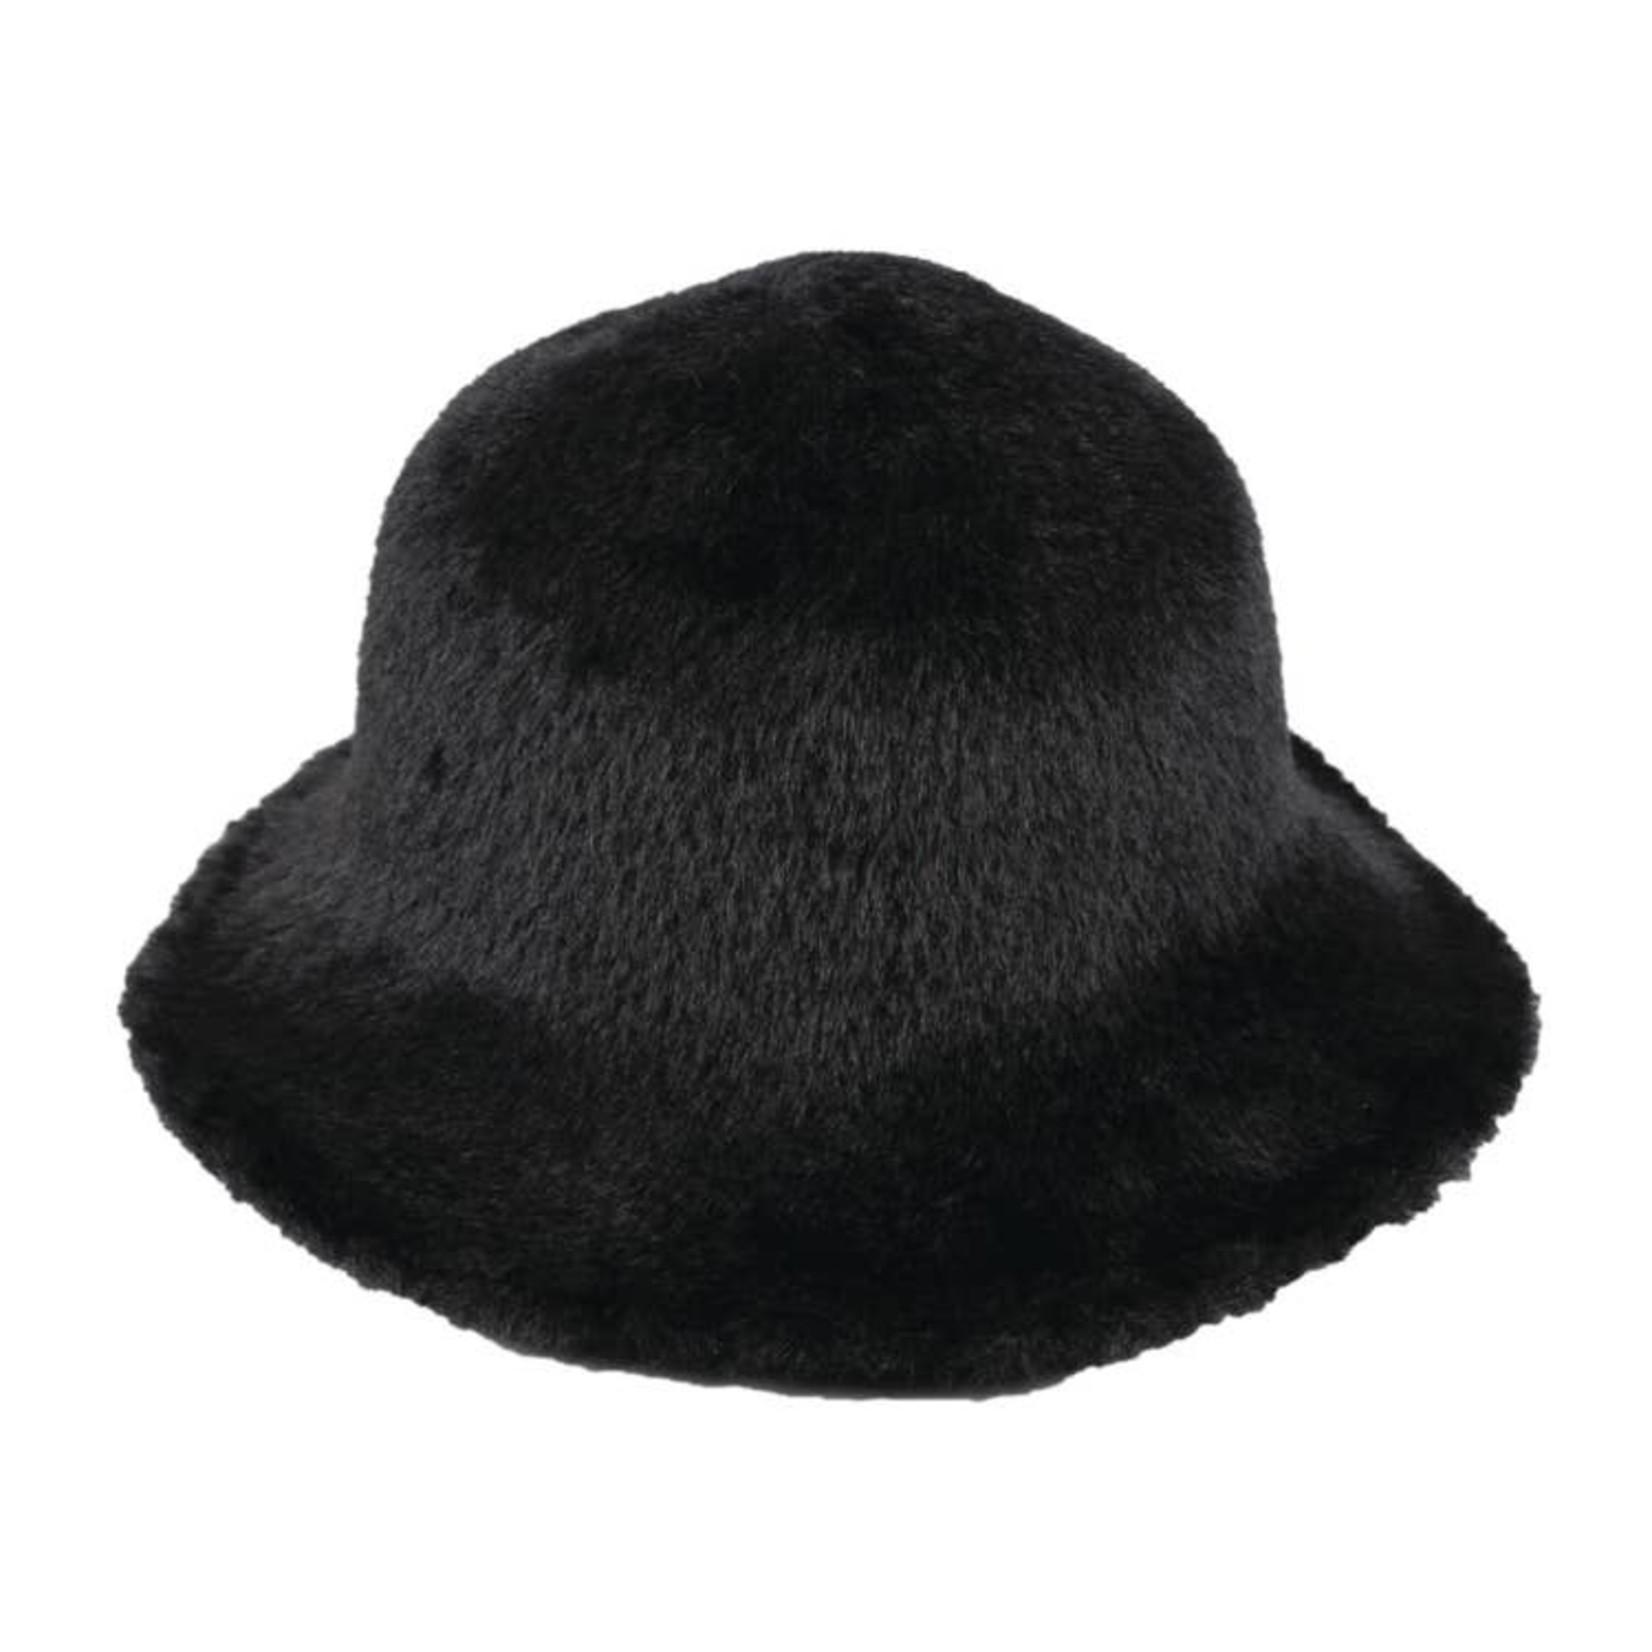 Hat Stack Fuzzy Wire Adjustable Brim Hat - Black